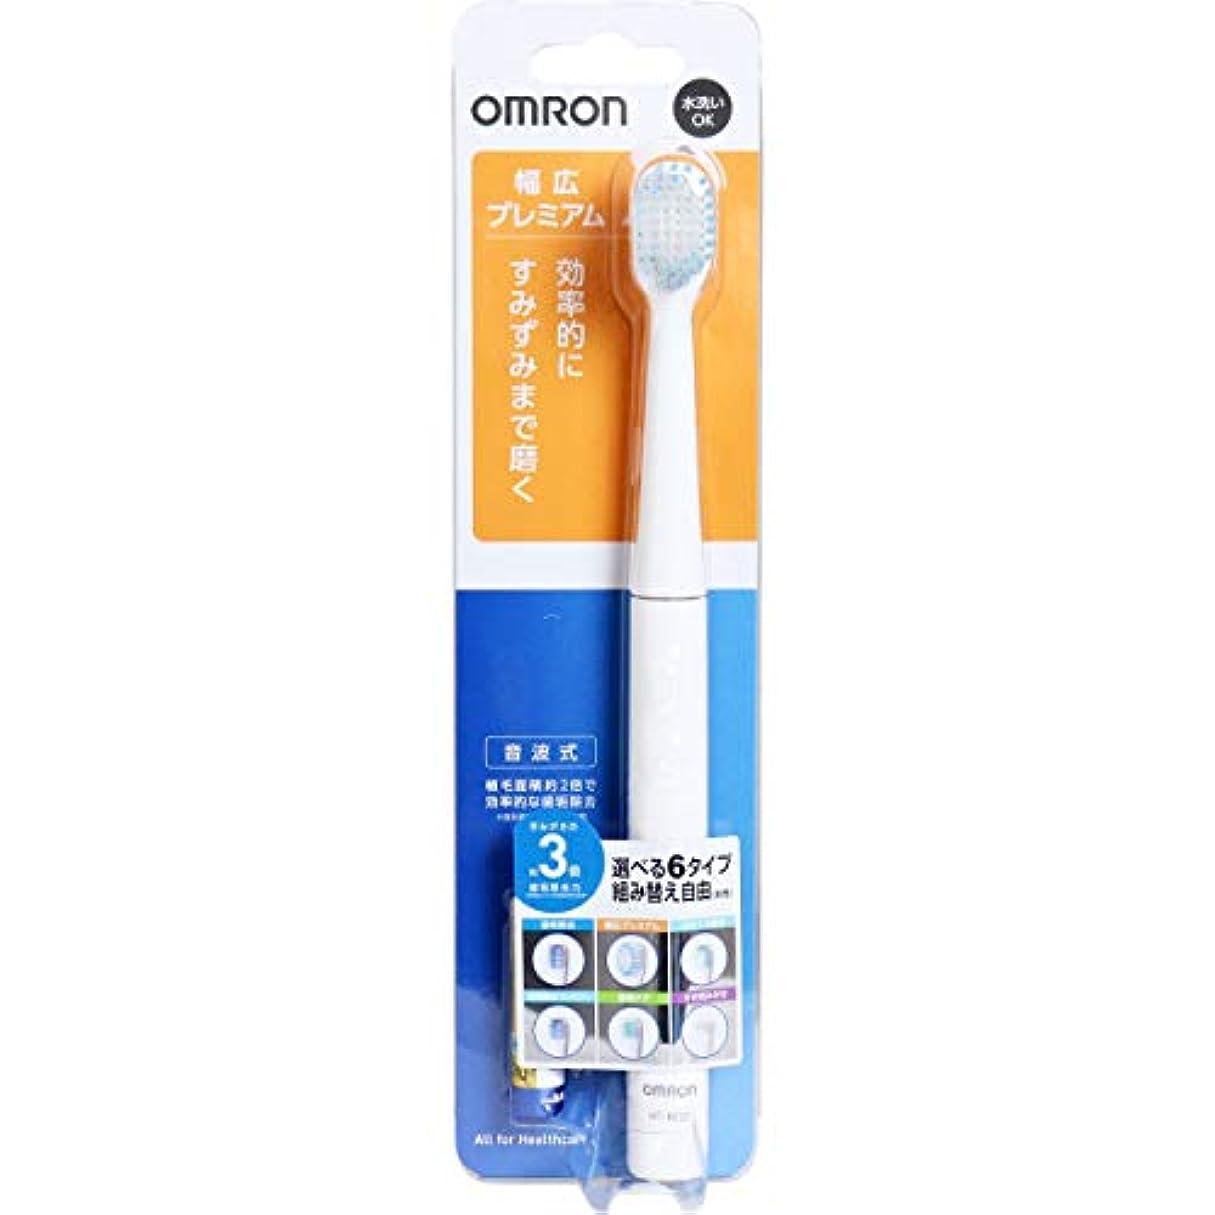 署名素朴な見習いオムロン 音波式電動歯ブラシ HT-B222-W ホワイト×2個セット